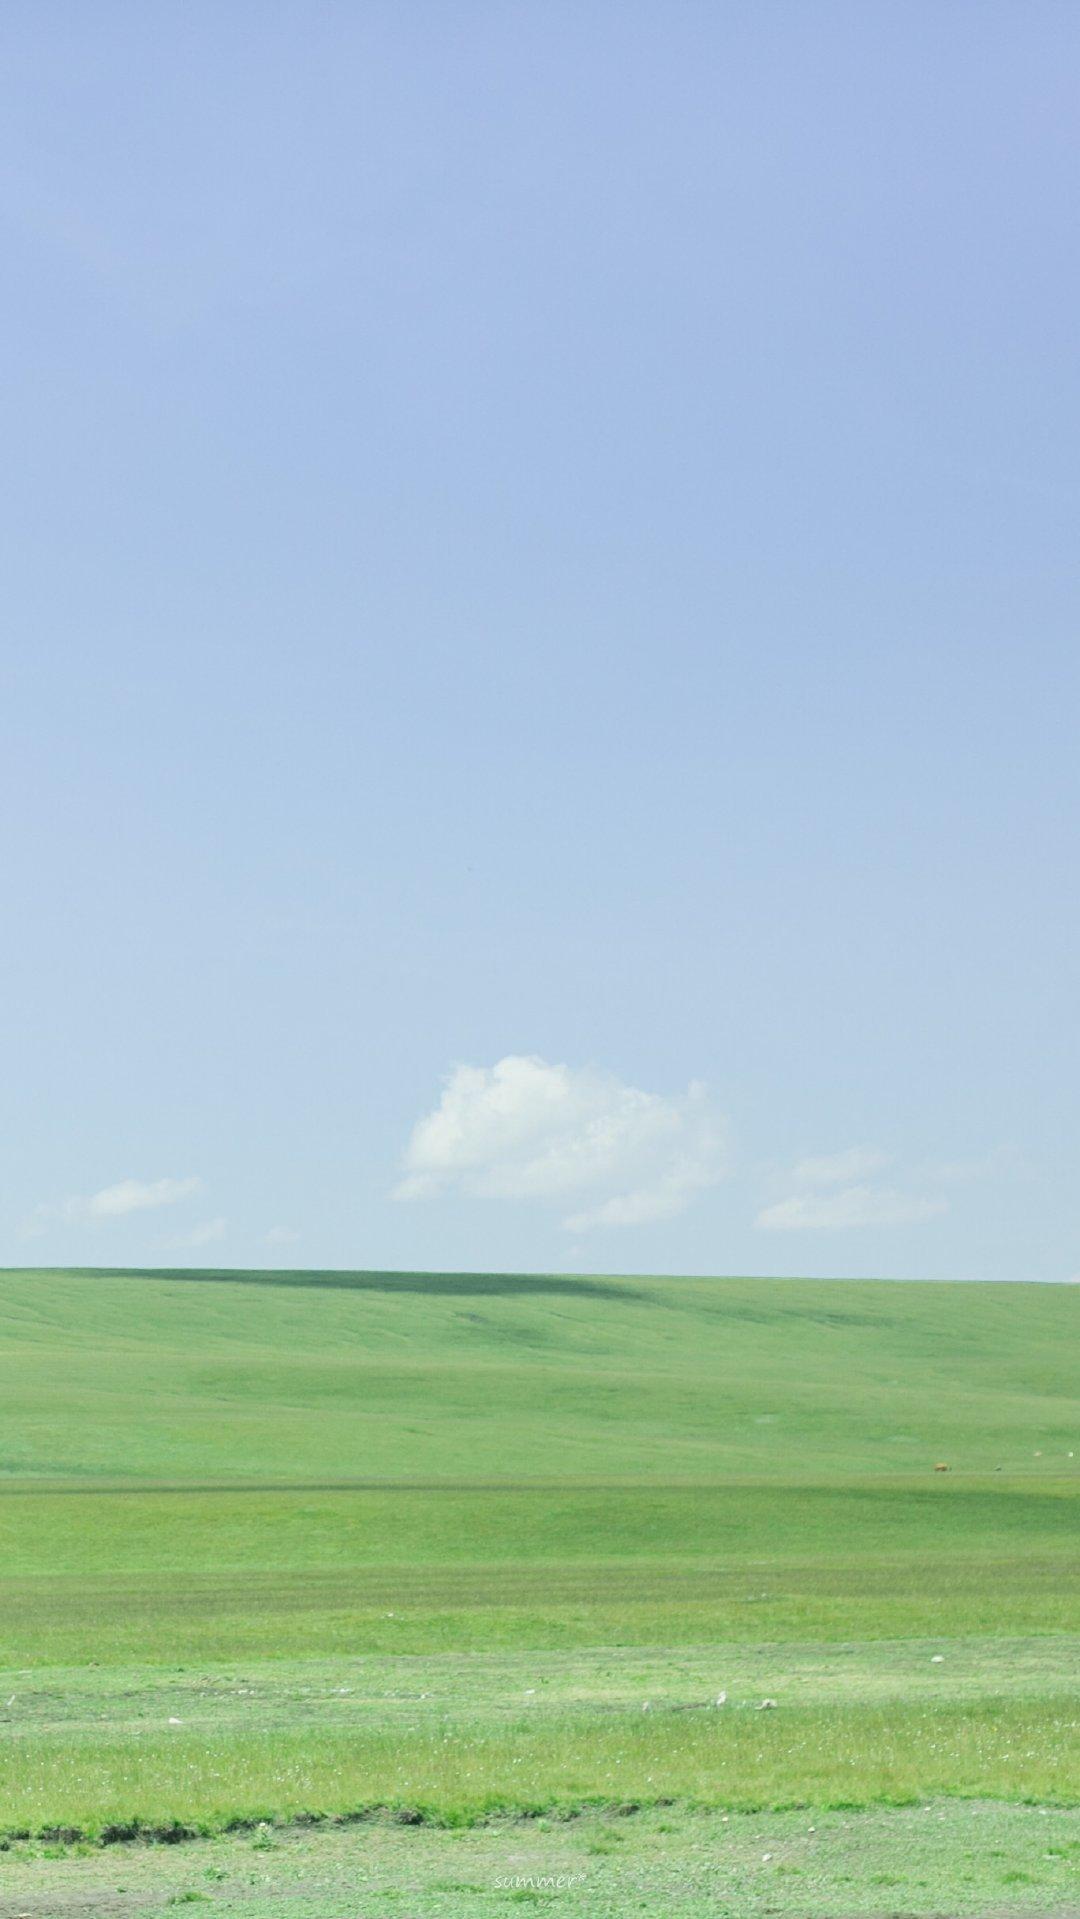 清新草原绿色护眼风景手机桌面壁纸